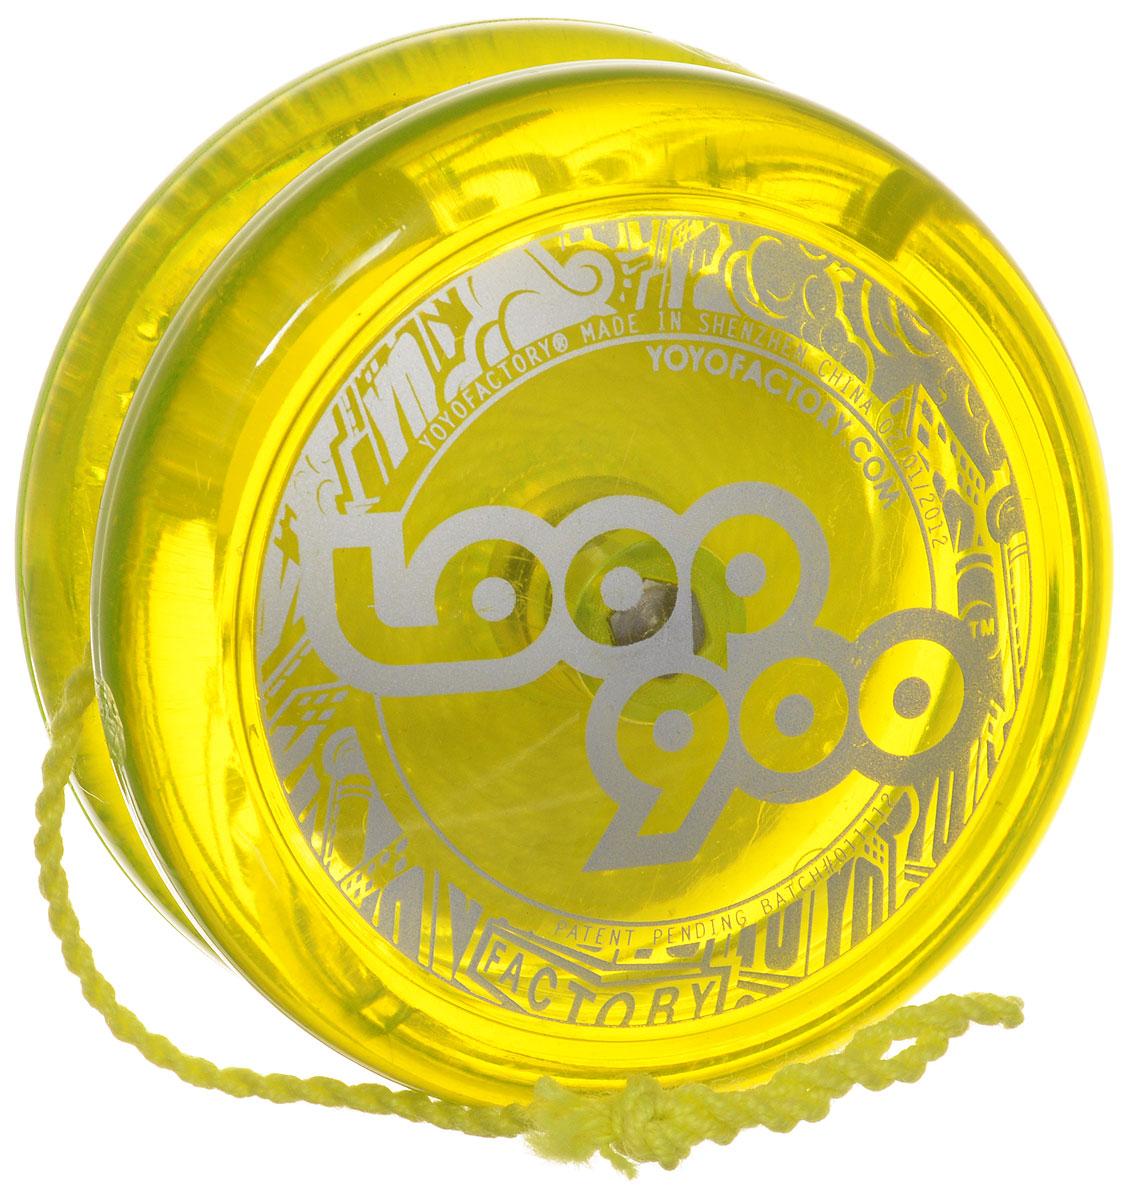 ФОТО yoyofactory Йо-йо loop 900 цвет салатовый